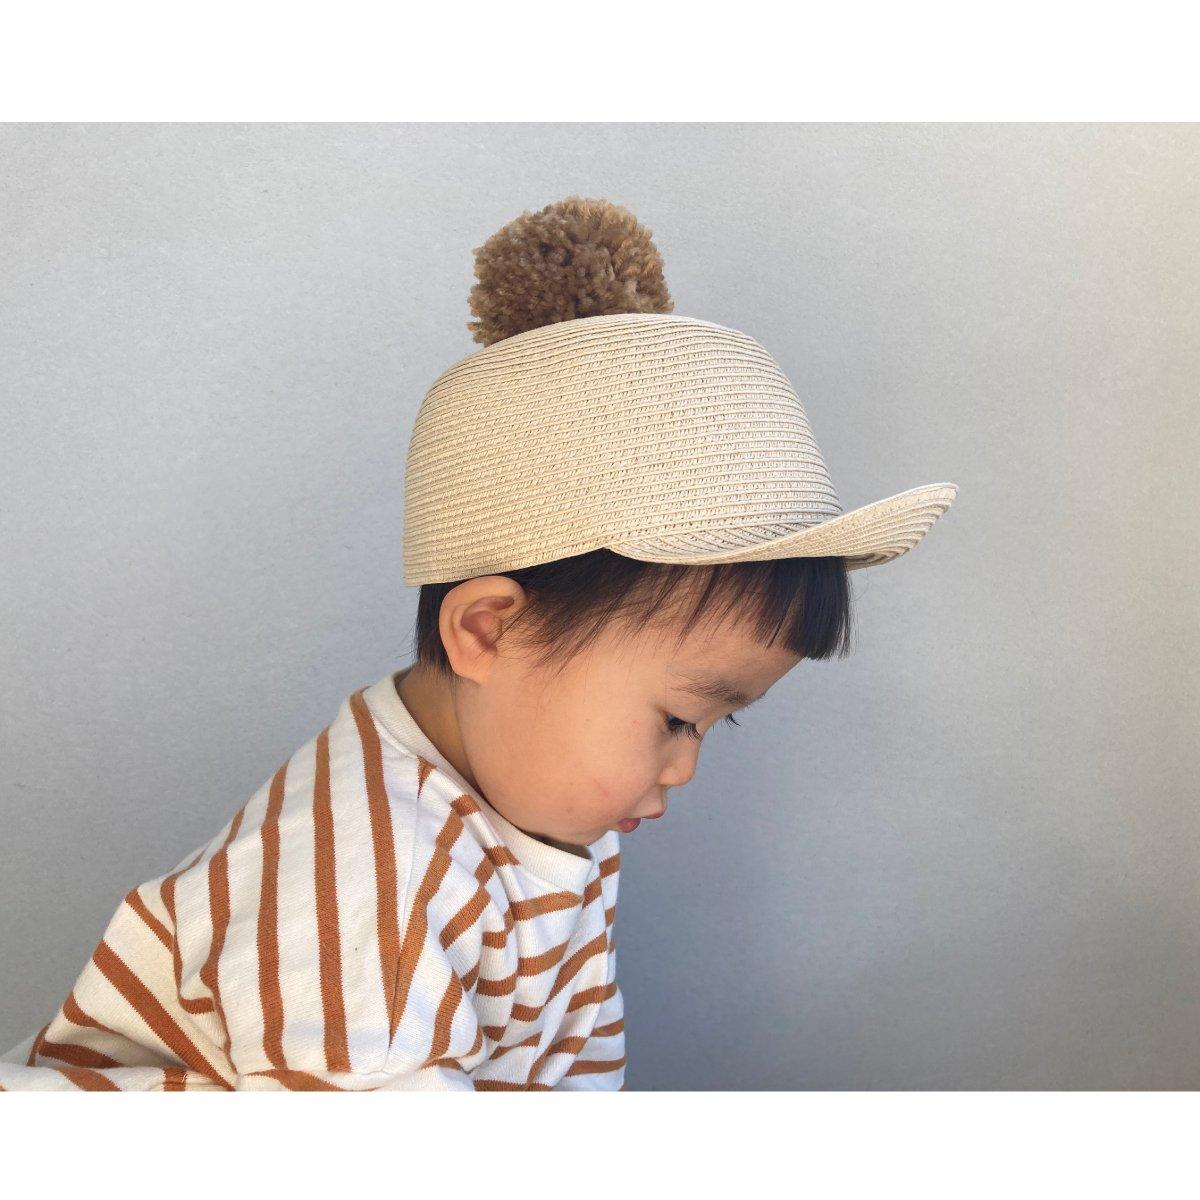 【KIDS】Big Pom Braid Cap 詳細画像10